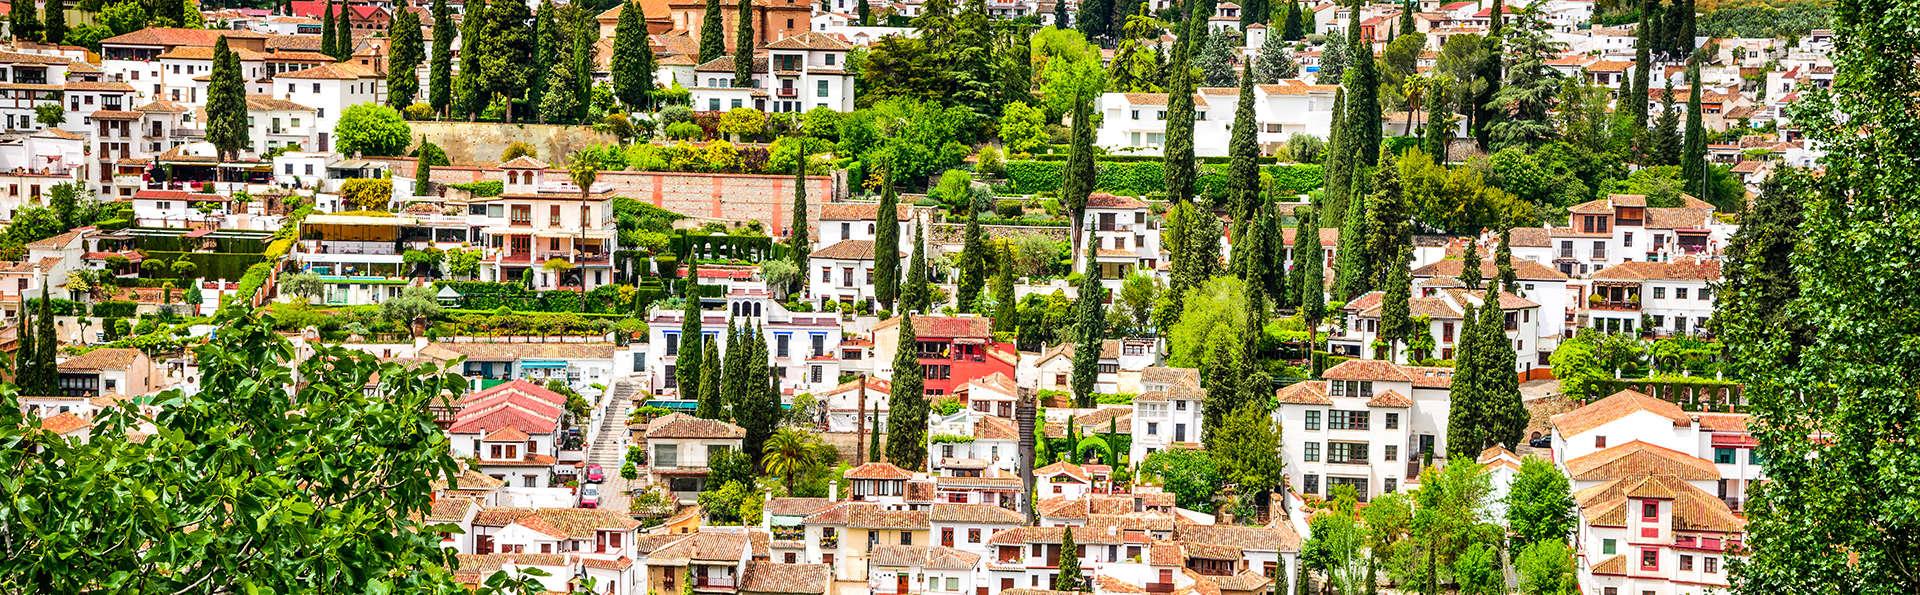 Hotel Casa de Federico  - Edit_Granada.jpg